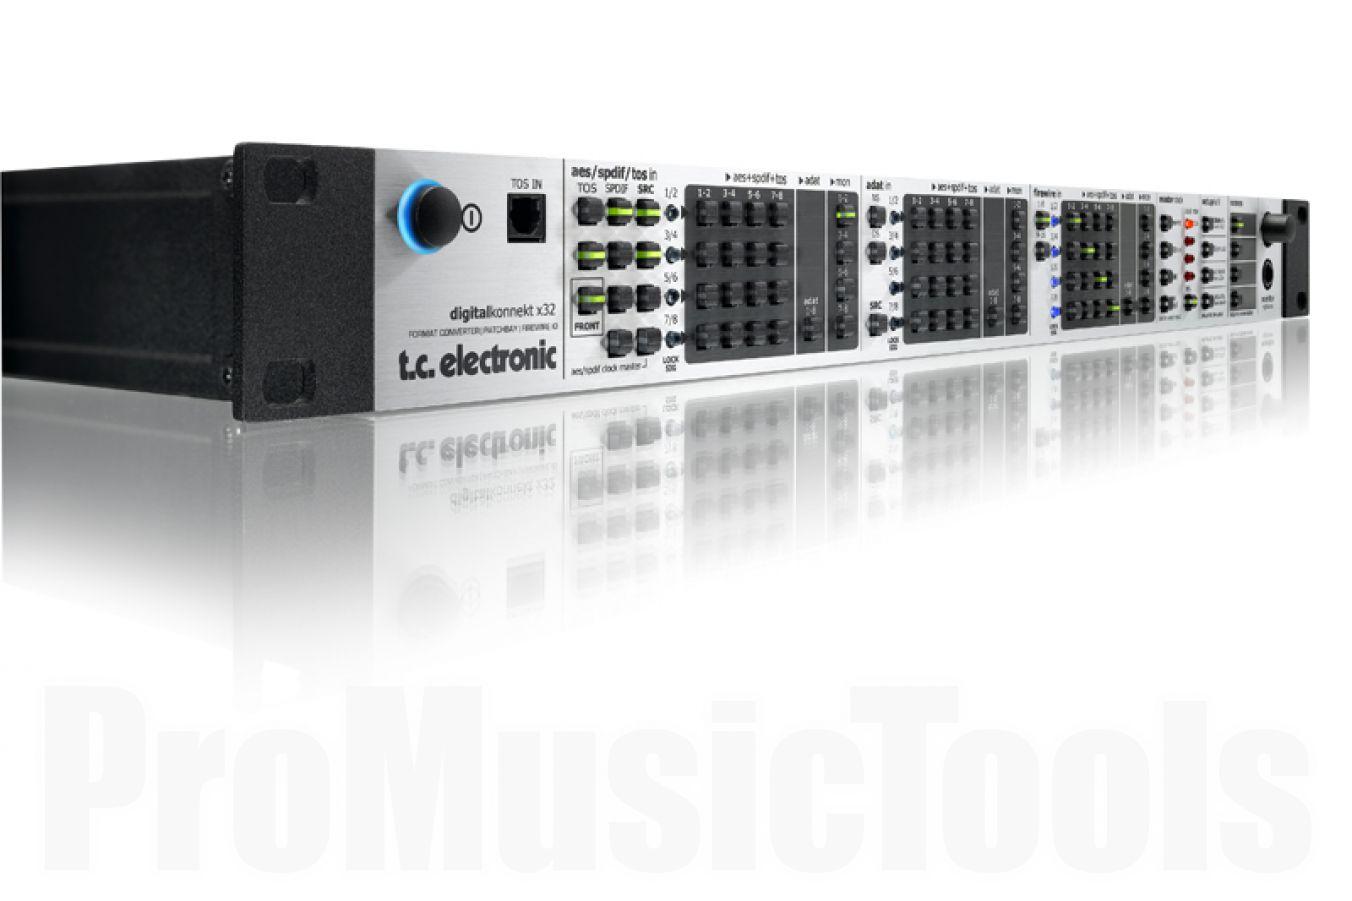 TC Electronic Digital Konnekt x32